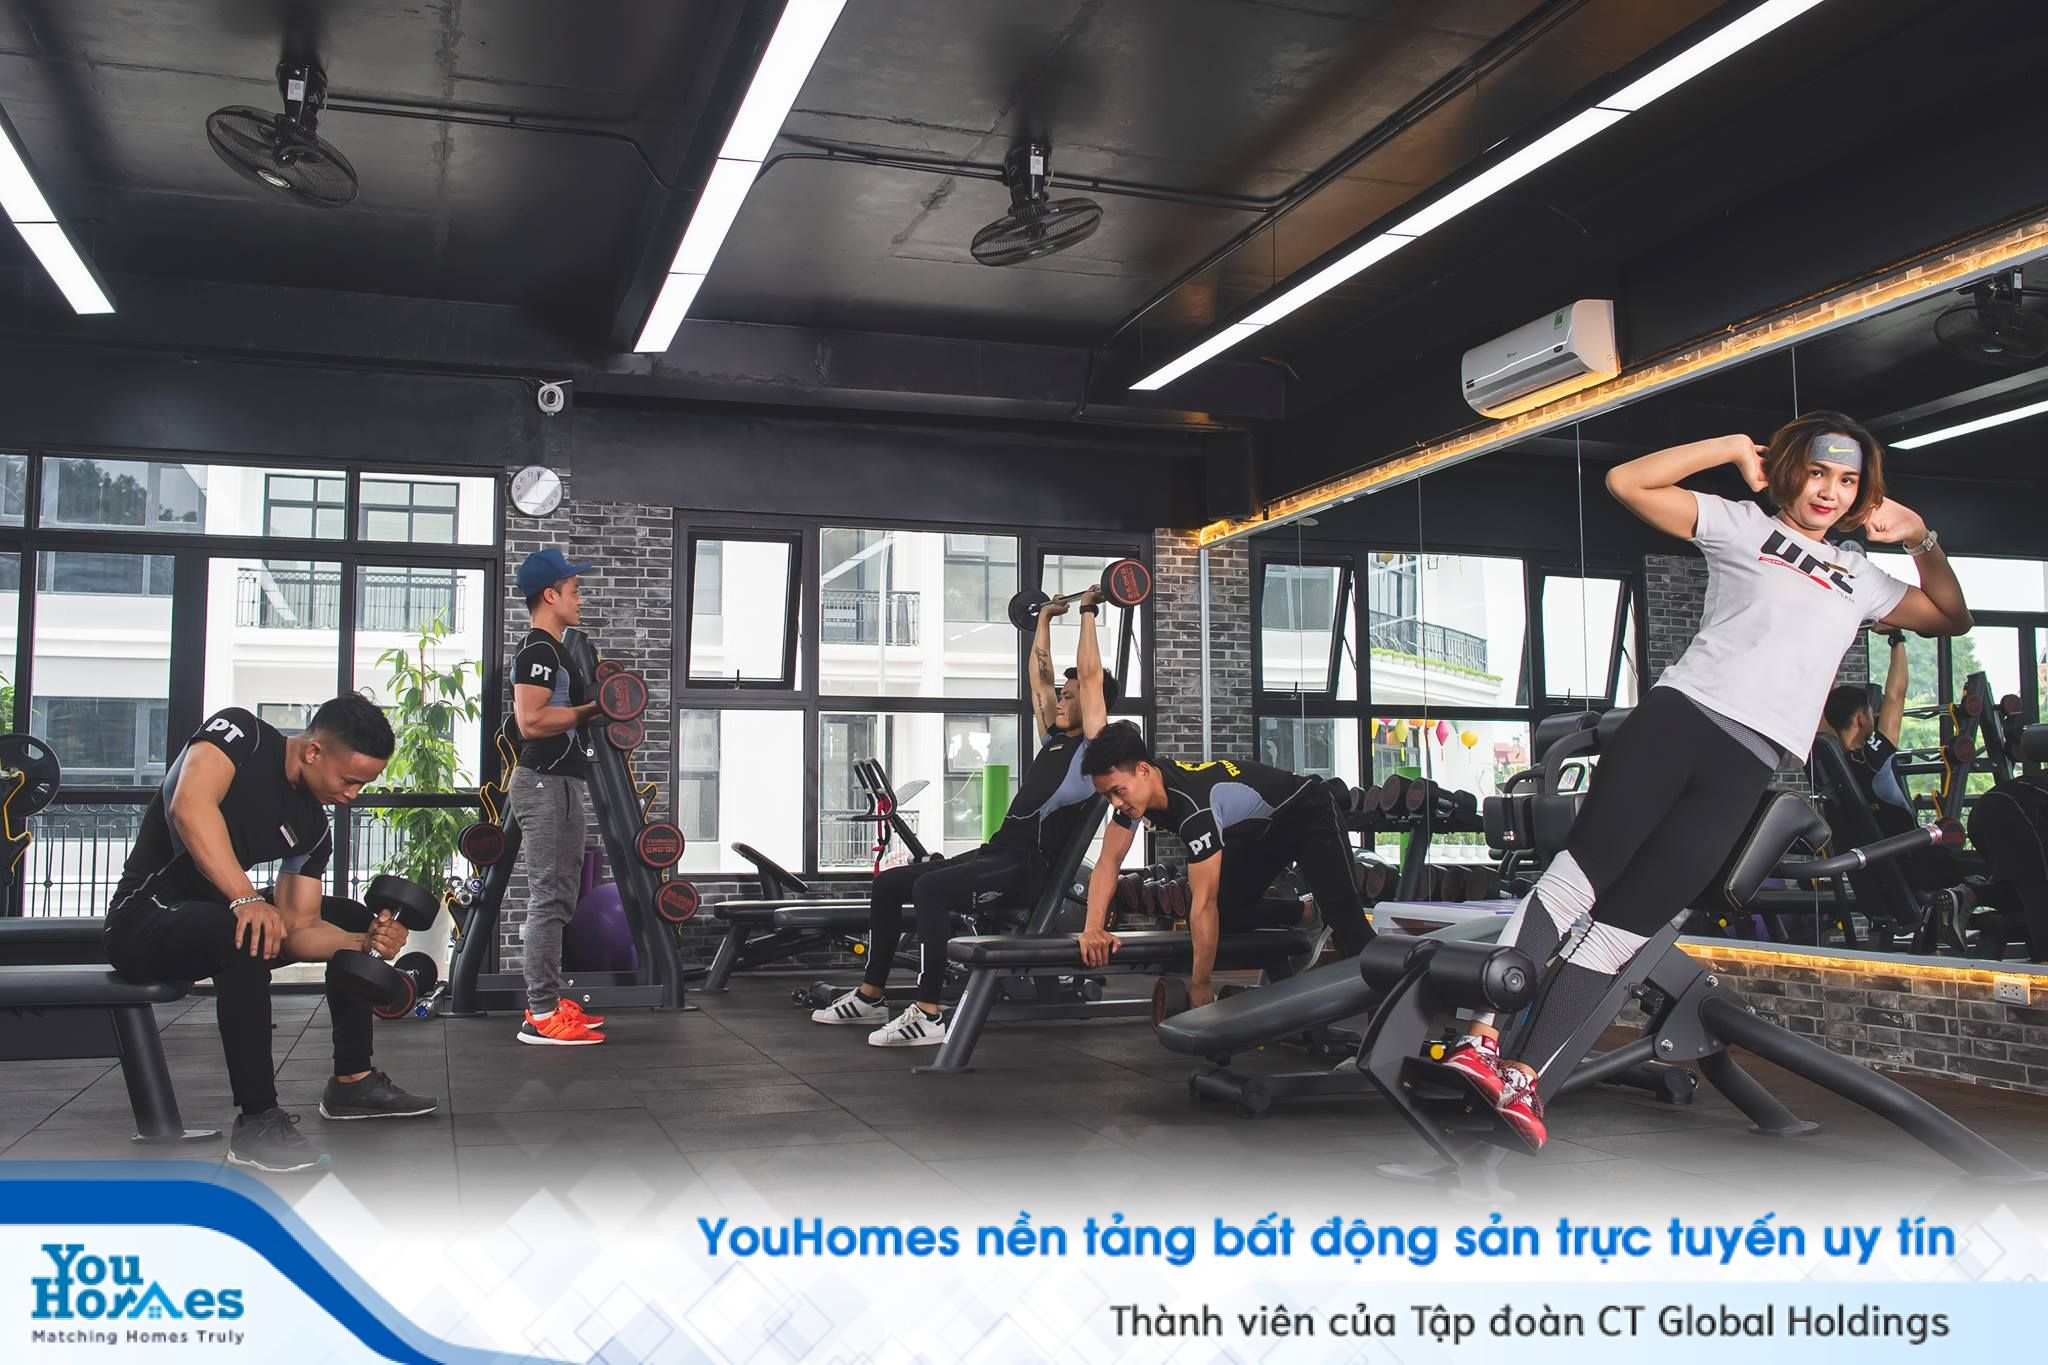 Fitness & Yoga gần Vinhomes Gardenia: Top 4 địa chỉ uy tín, chất lượng nhất!